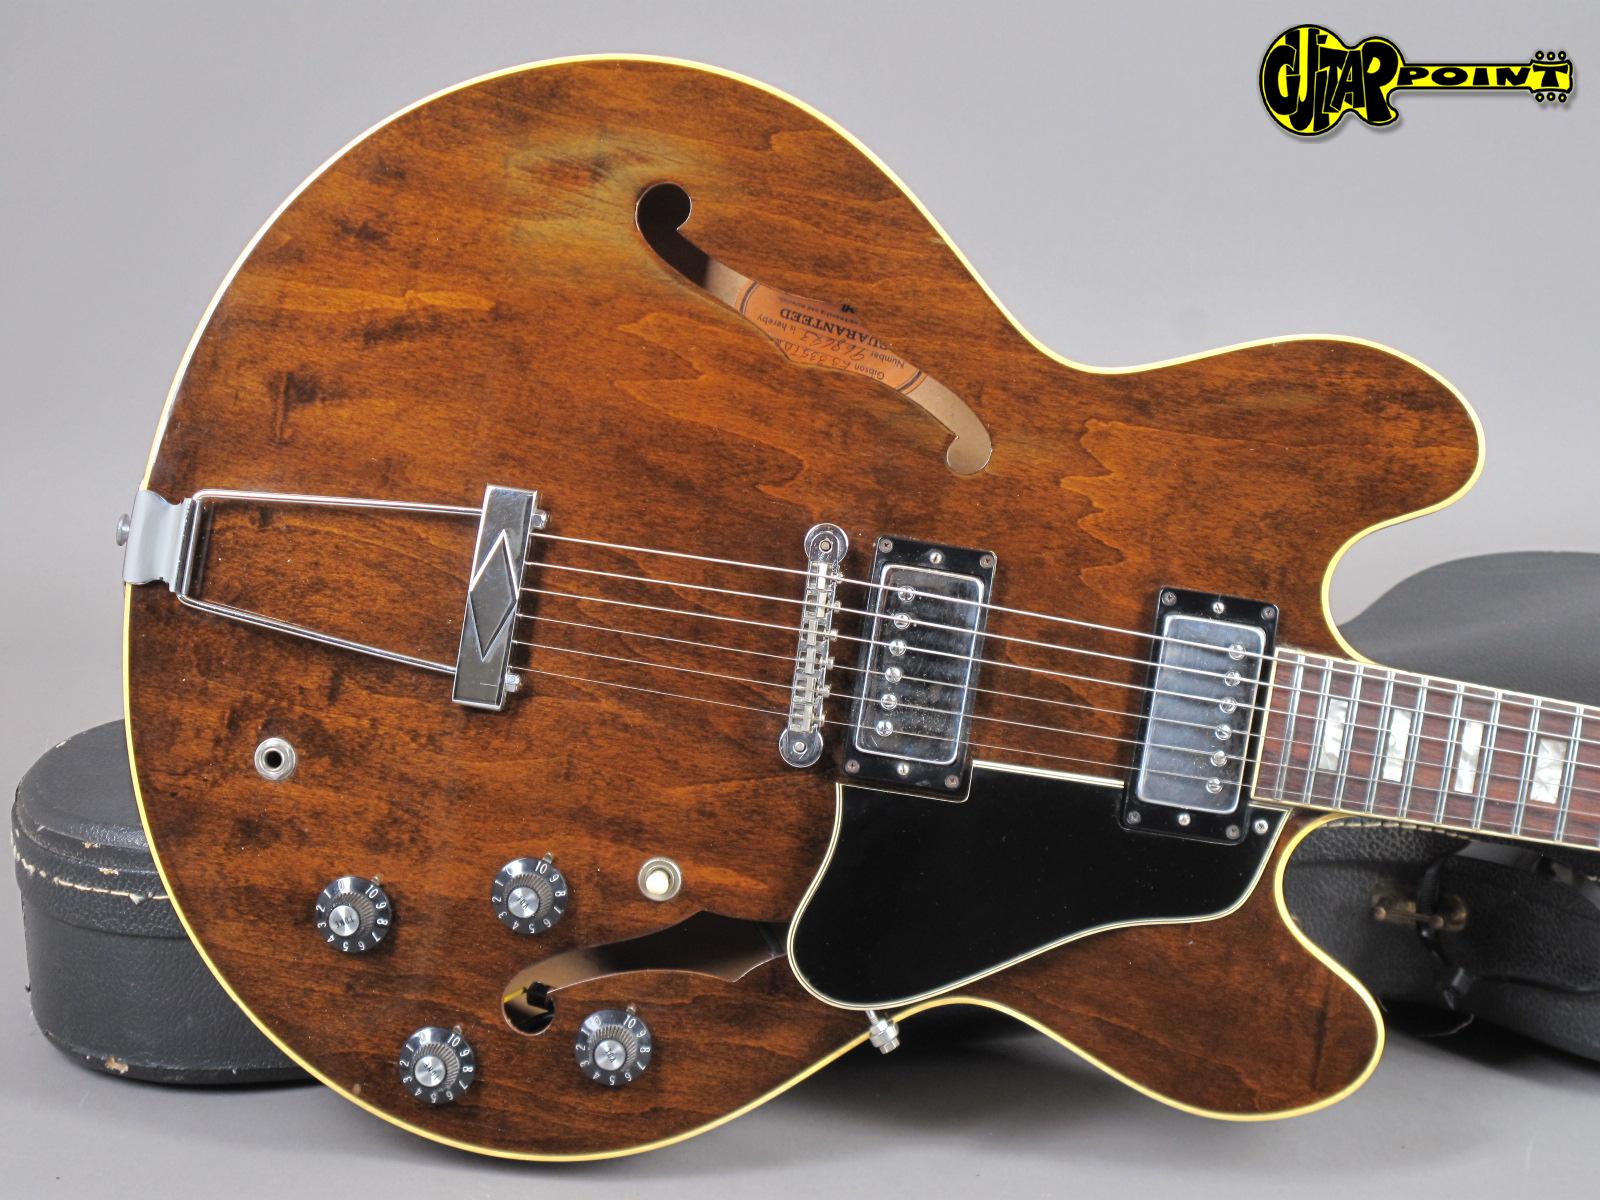 https://guitarpoint.de/app/uploads/products/1971-gibson-es-335-tdw-walnut-2/Gibson1971ES335TDW968643_24.jpg